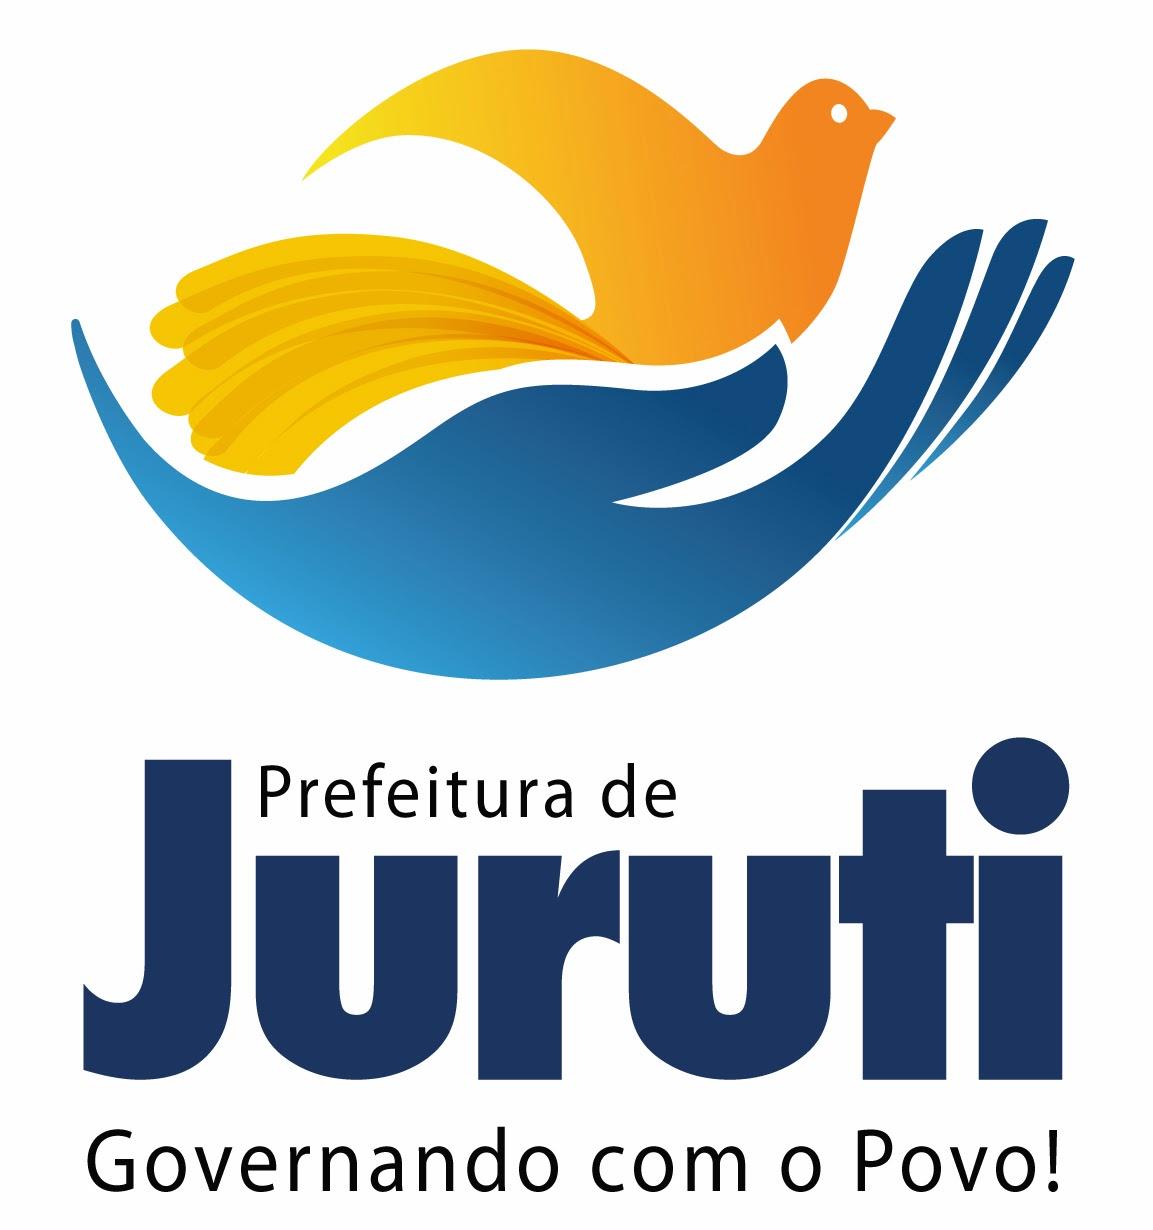 ACESSE AQUI O SITE DA PREFEITURA DE JURUTI